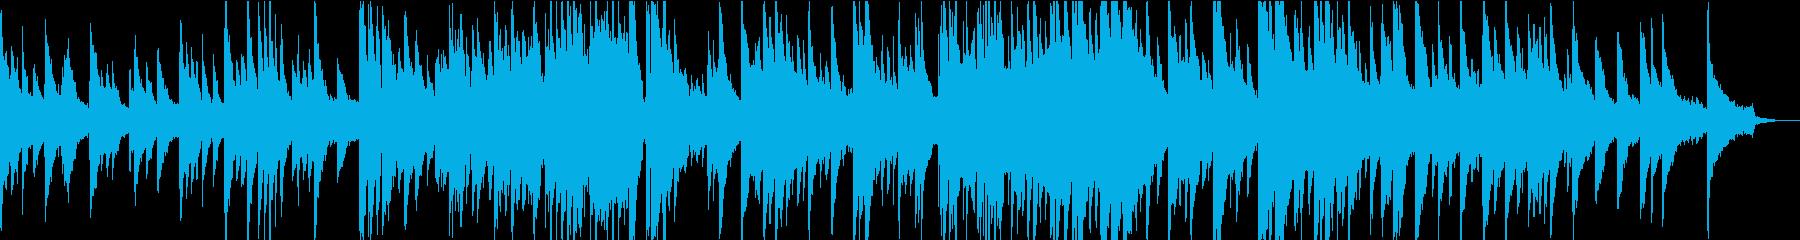 ピアノとパッドのゆったり和風曲の再生済みの波形